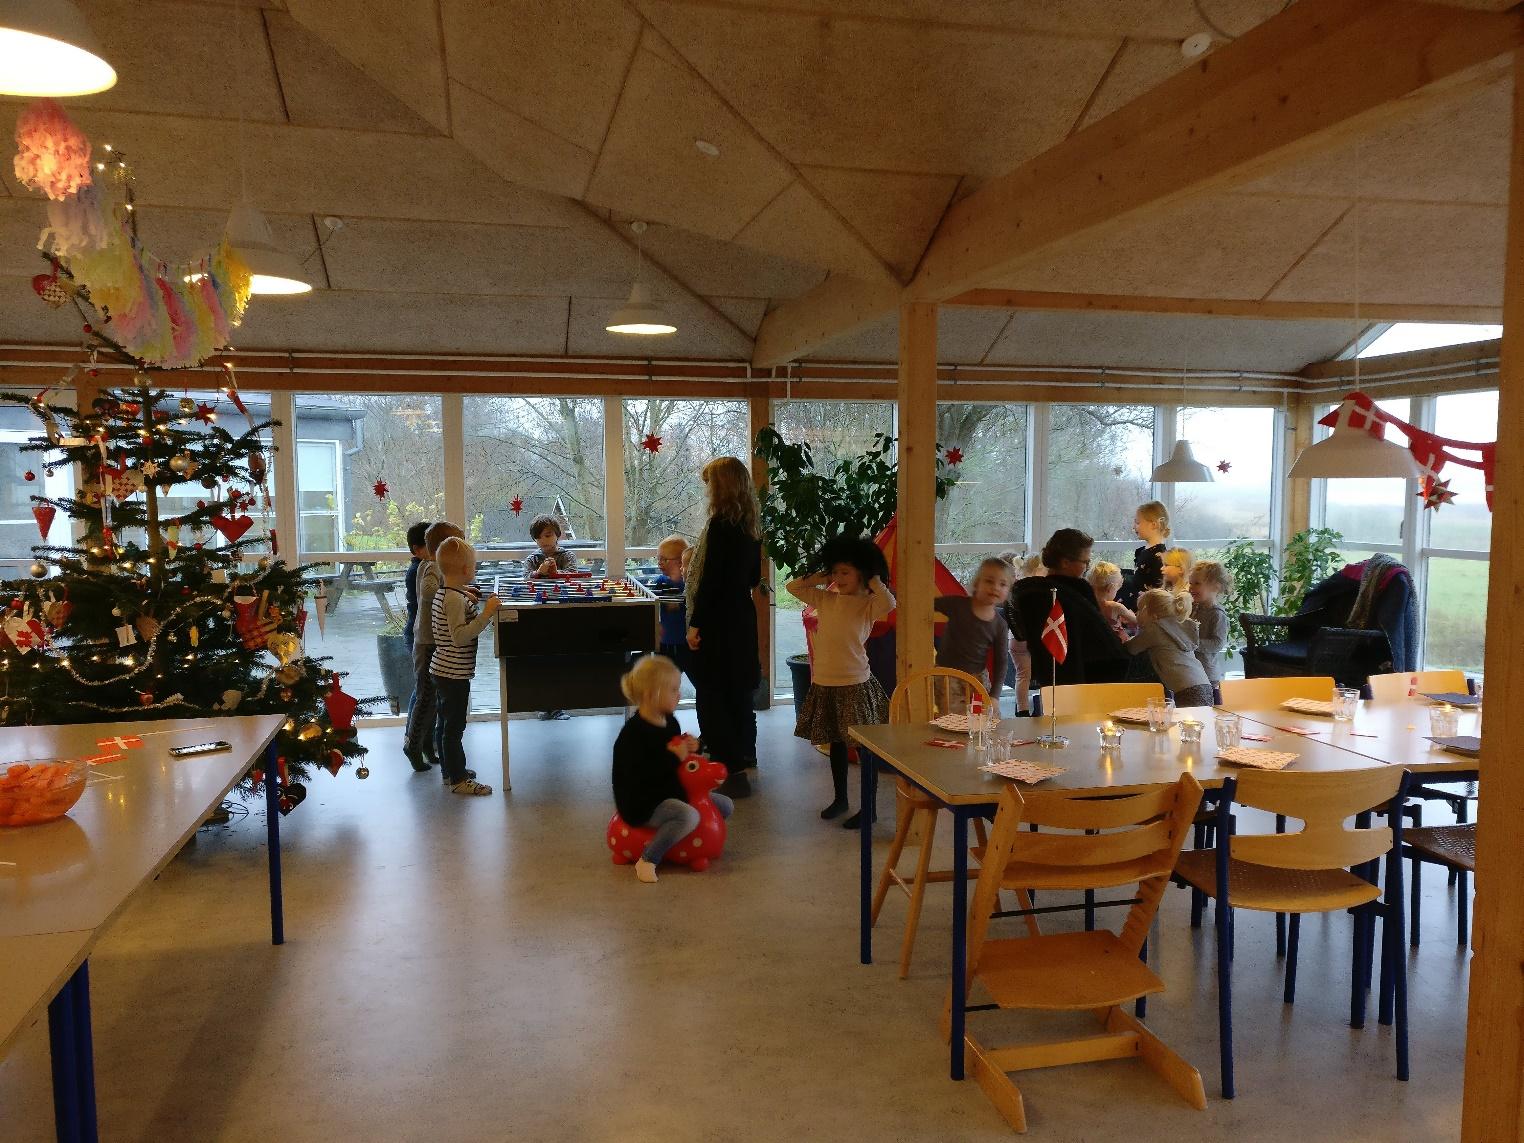 Juletræ i fælleshuset